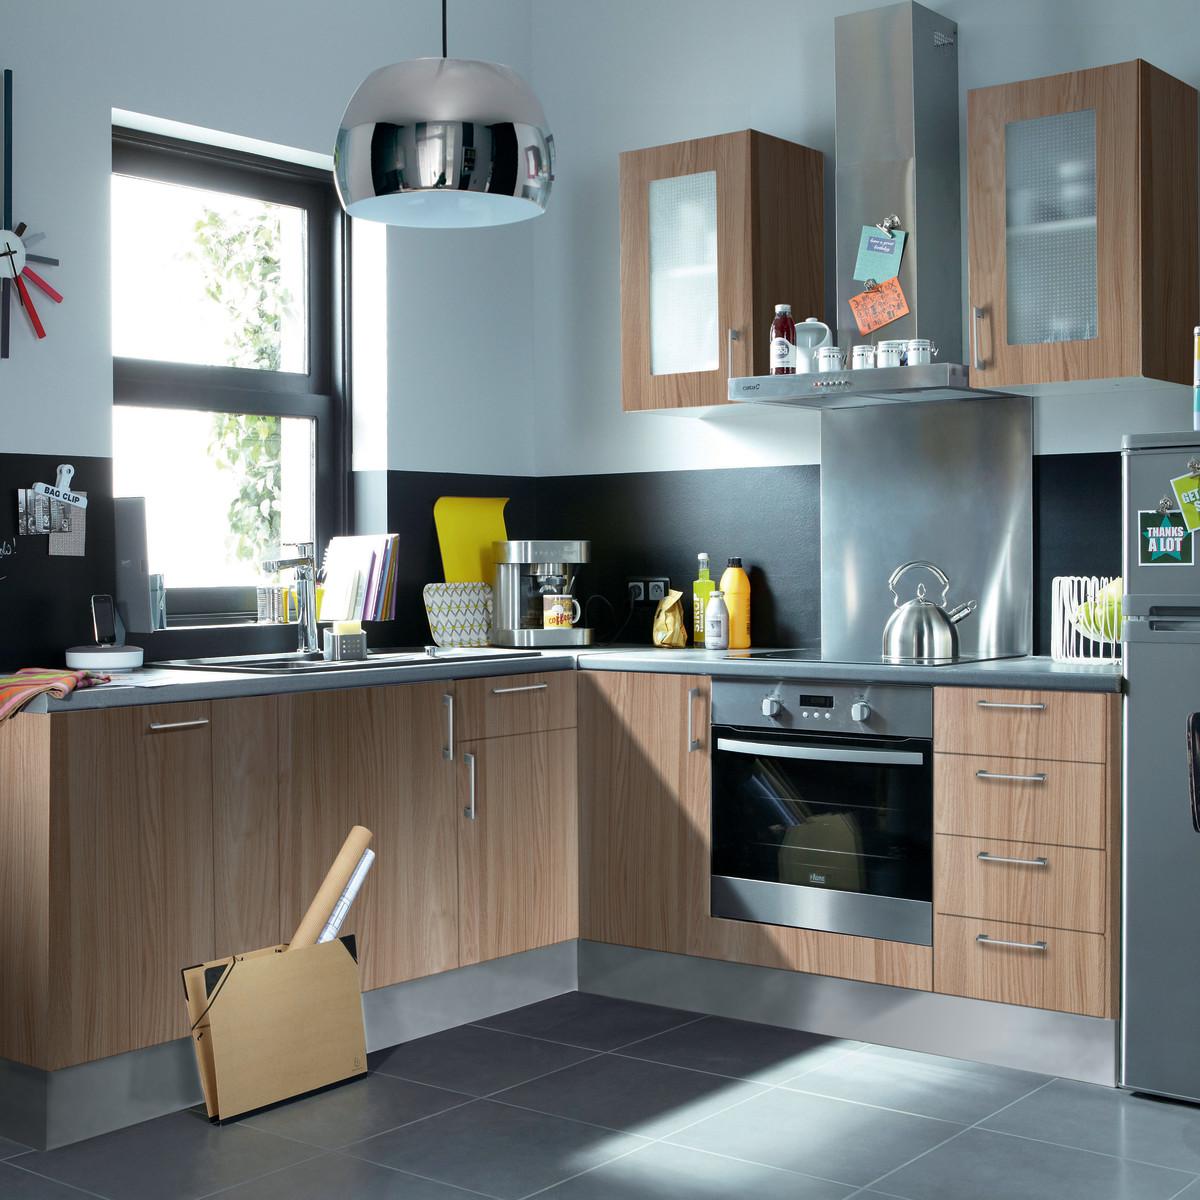 Come arredare una cucina rustica in legno per tutta la famiglia ...